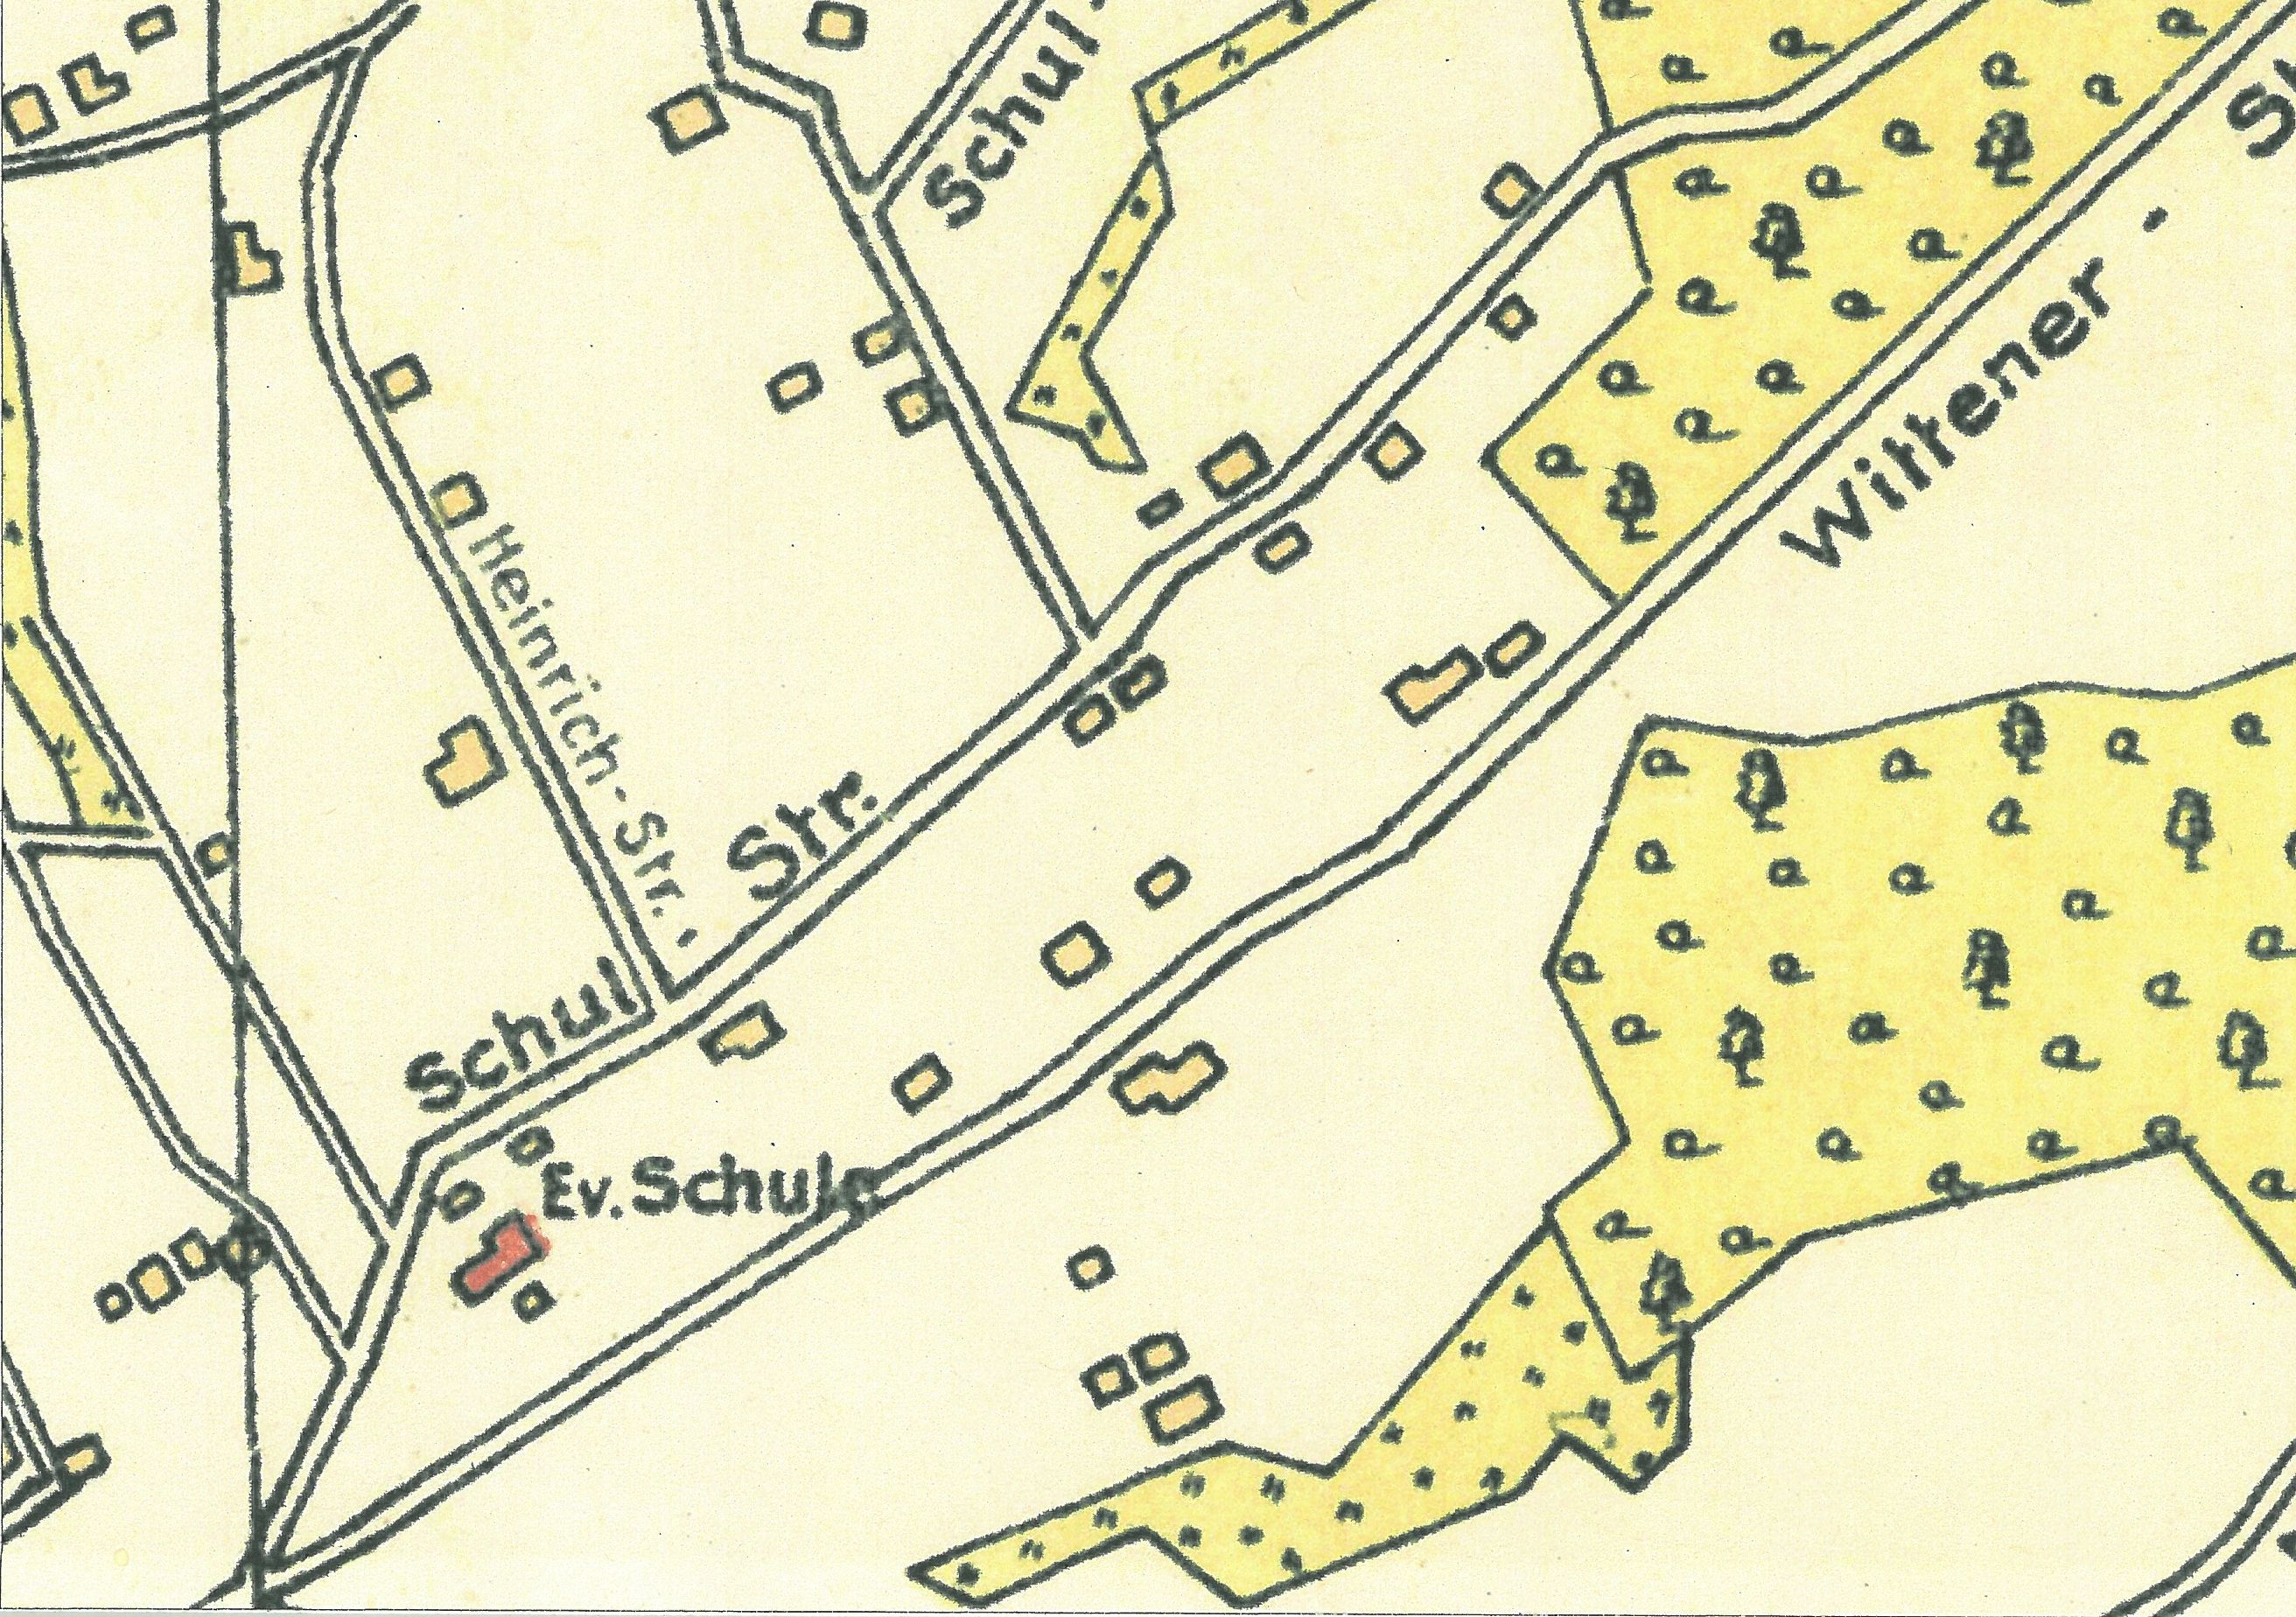 haarholzer-strasse-ausschnitt-1927-bochum-stiepel